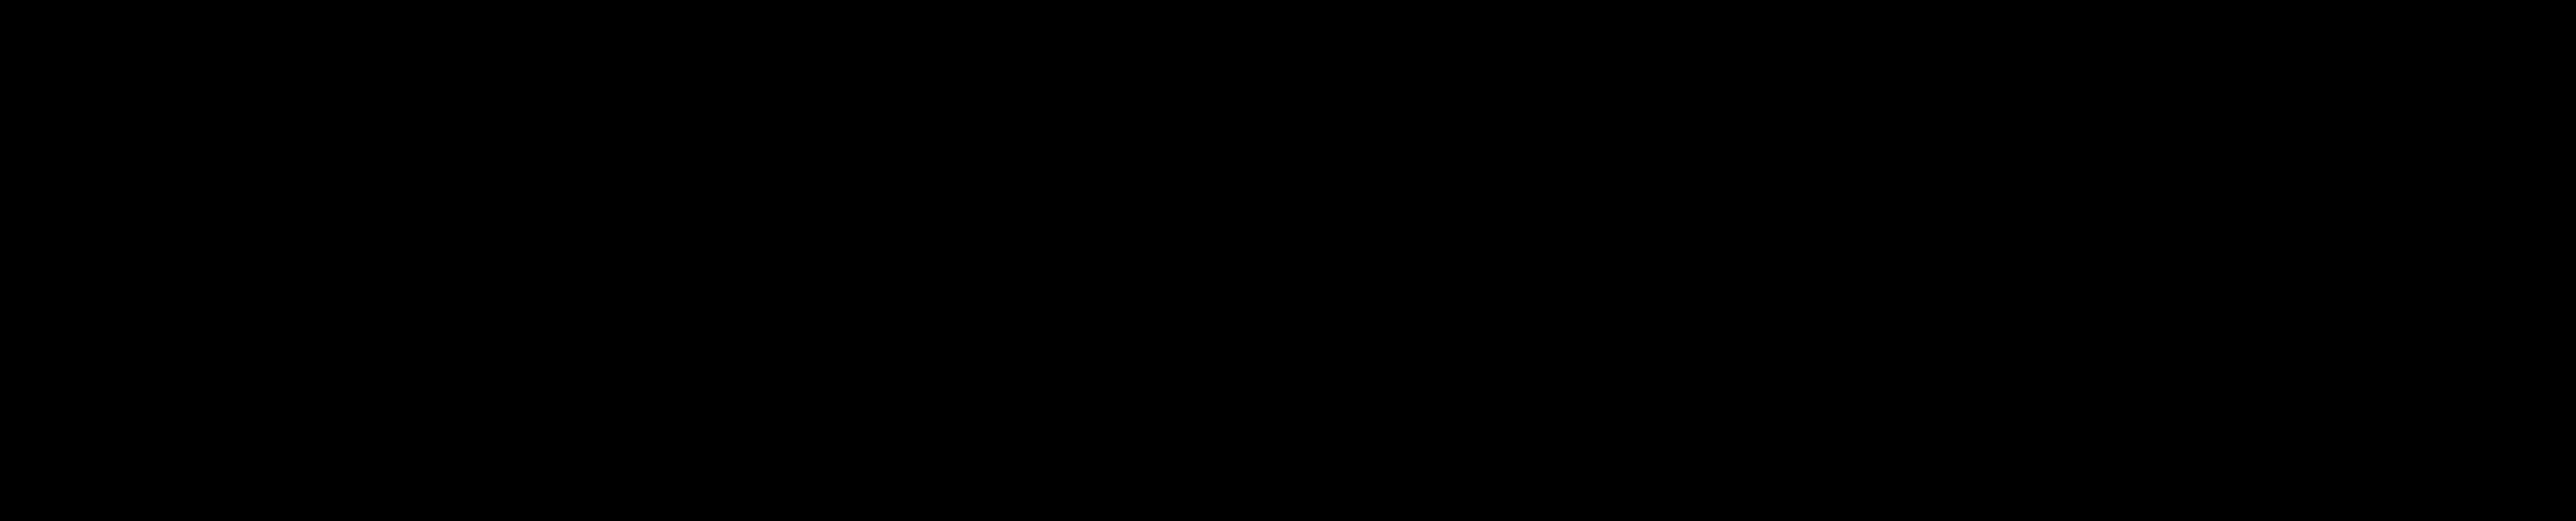 Pandora_logo_logotype